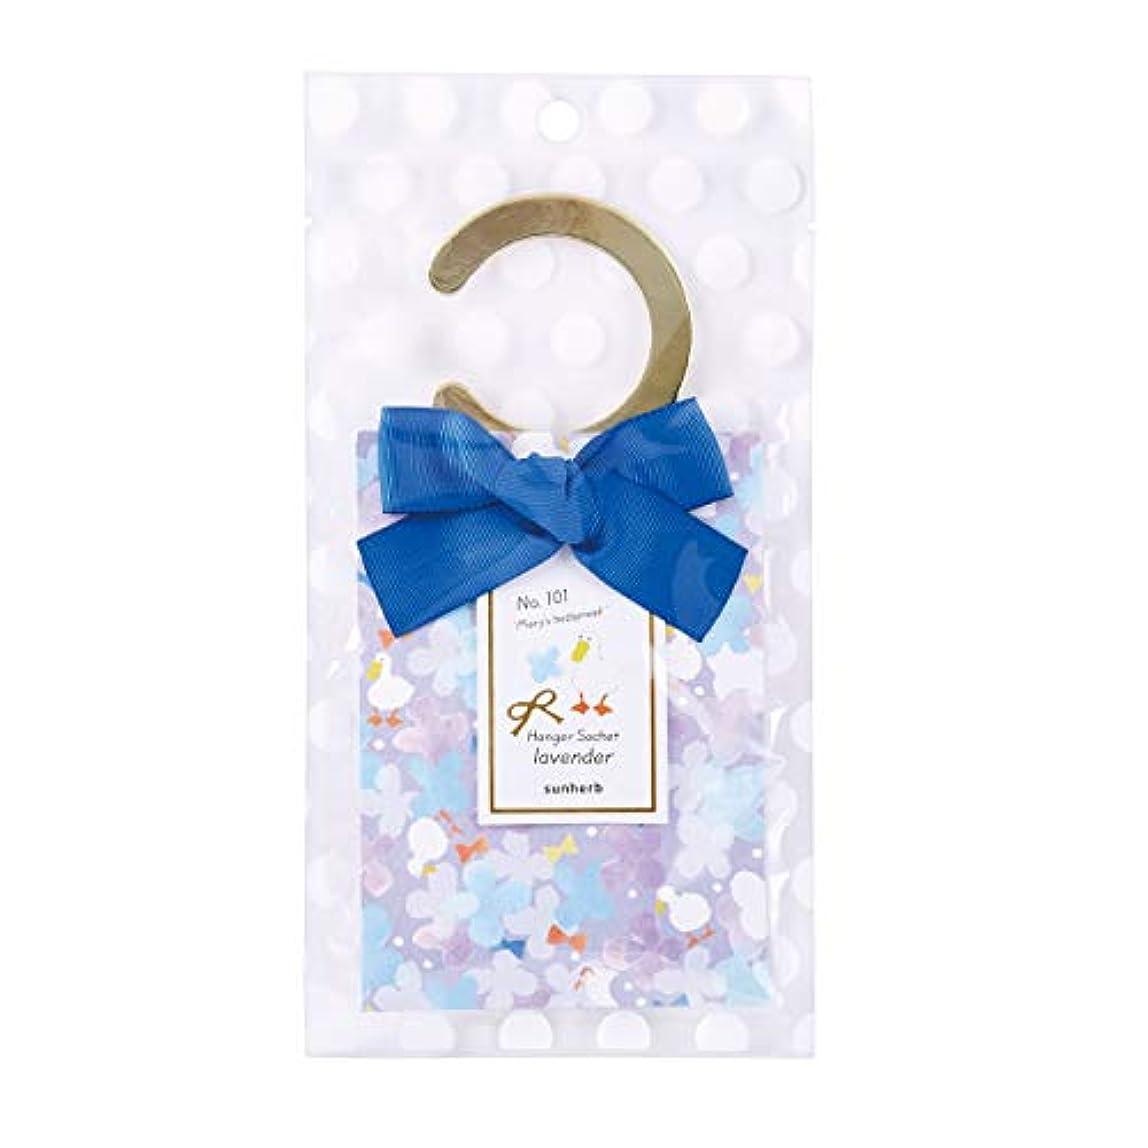 額アクティビティナイトスポットサンハーブ ハンガーサシェ ラベンダーの香り (吊り下げ芳香剤 アヒルが描かれたラベンダー色のデザイン)